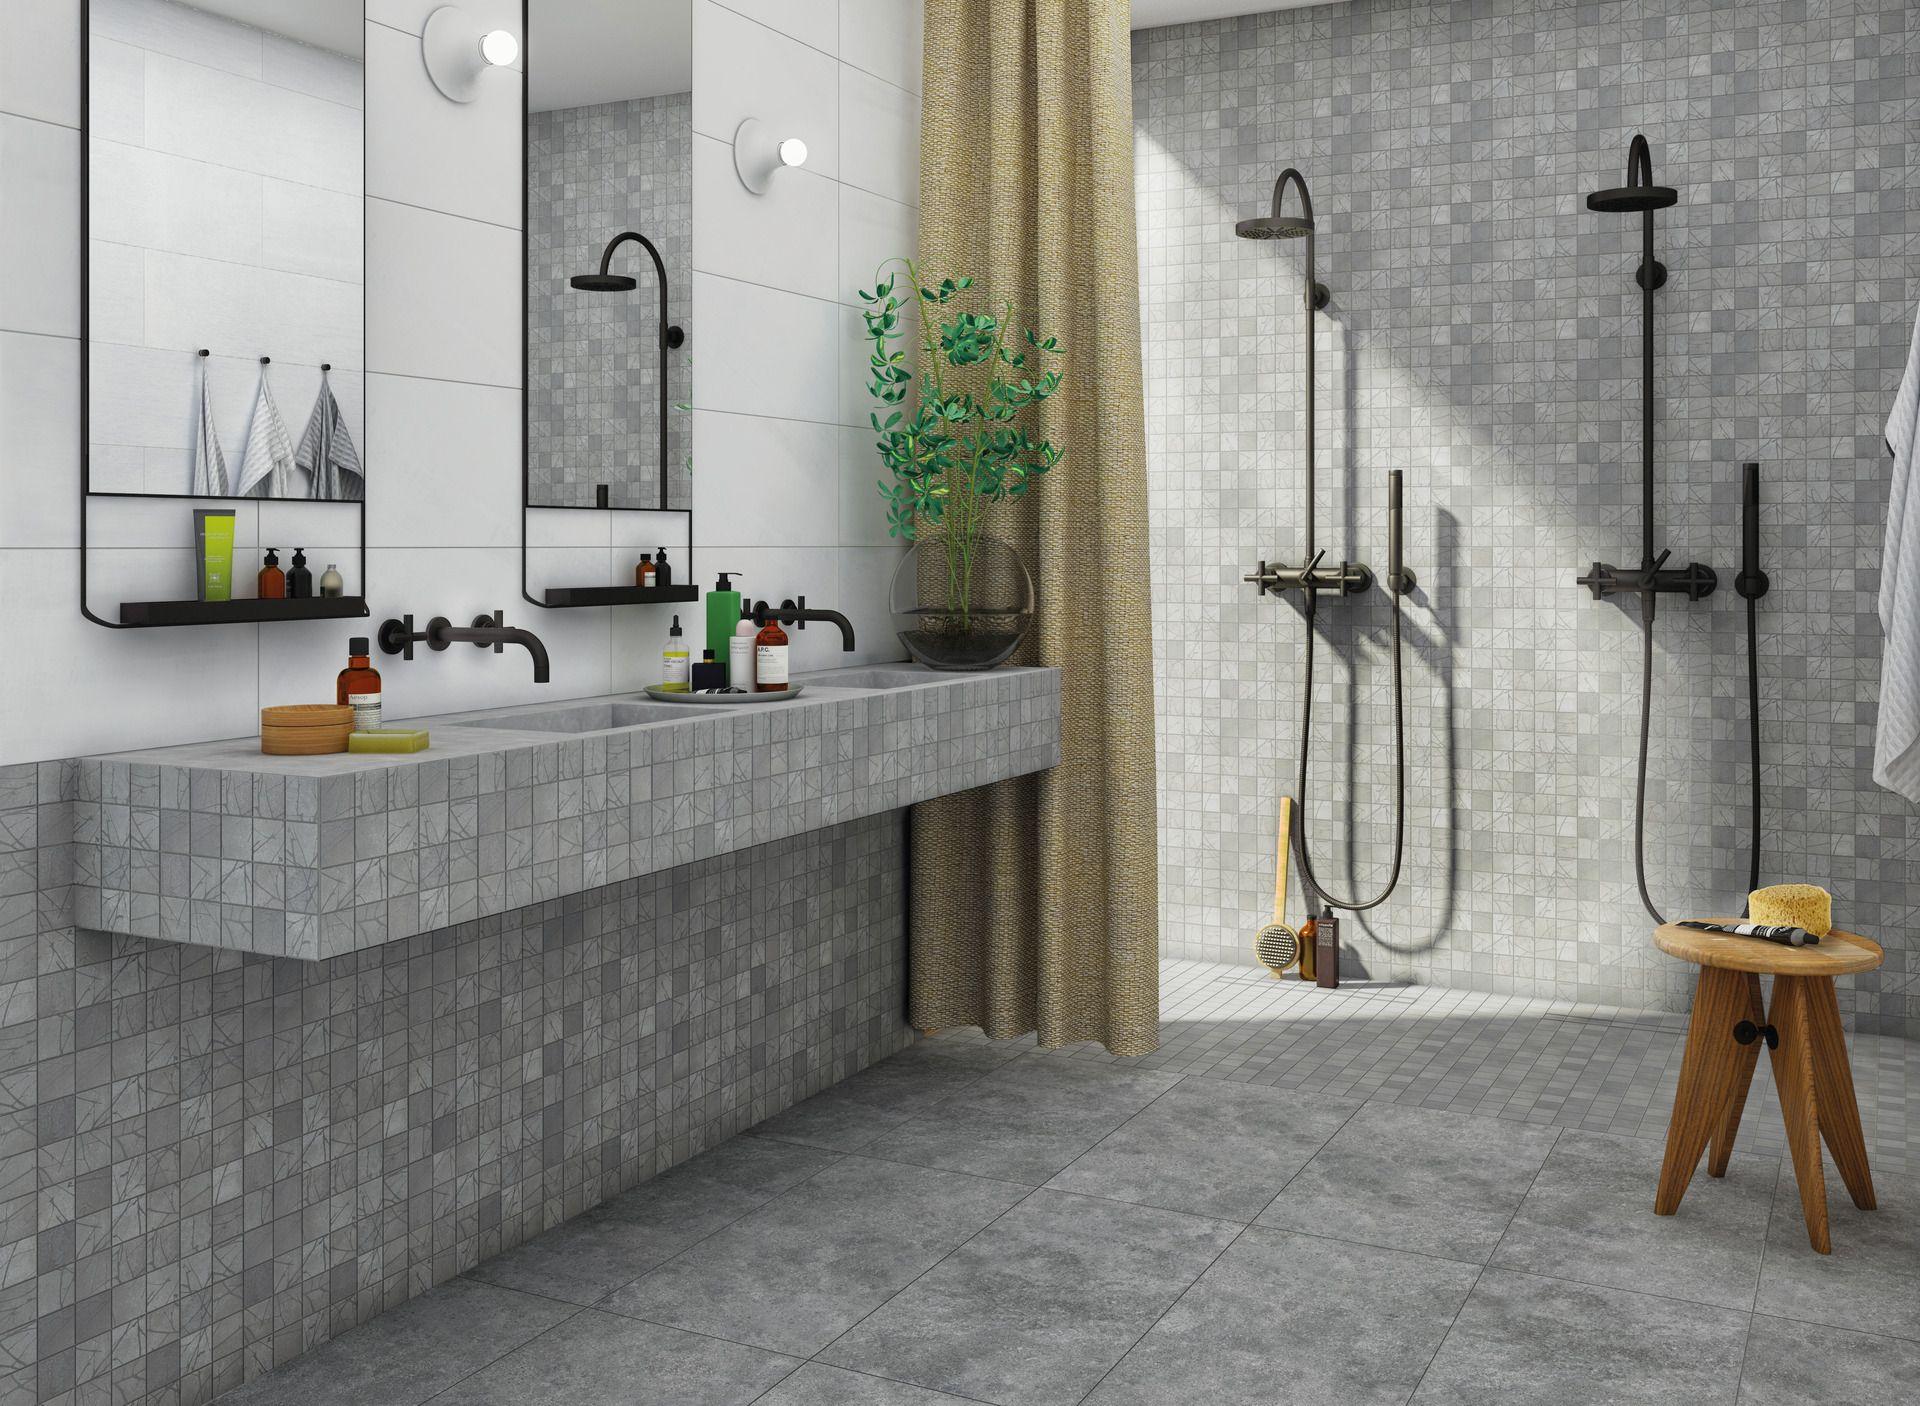 Coole Idee Doppeldusche Dusche Badezimmer Gestalten Badezimmer